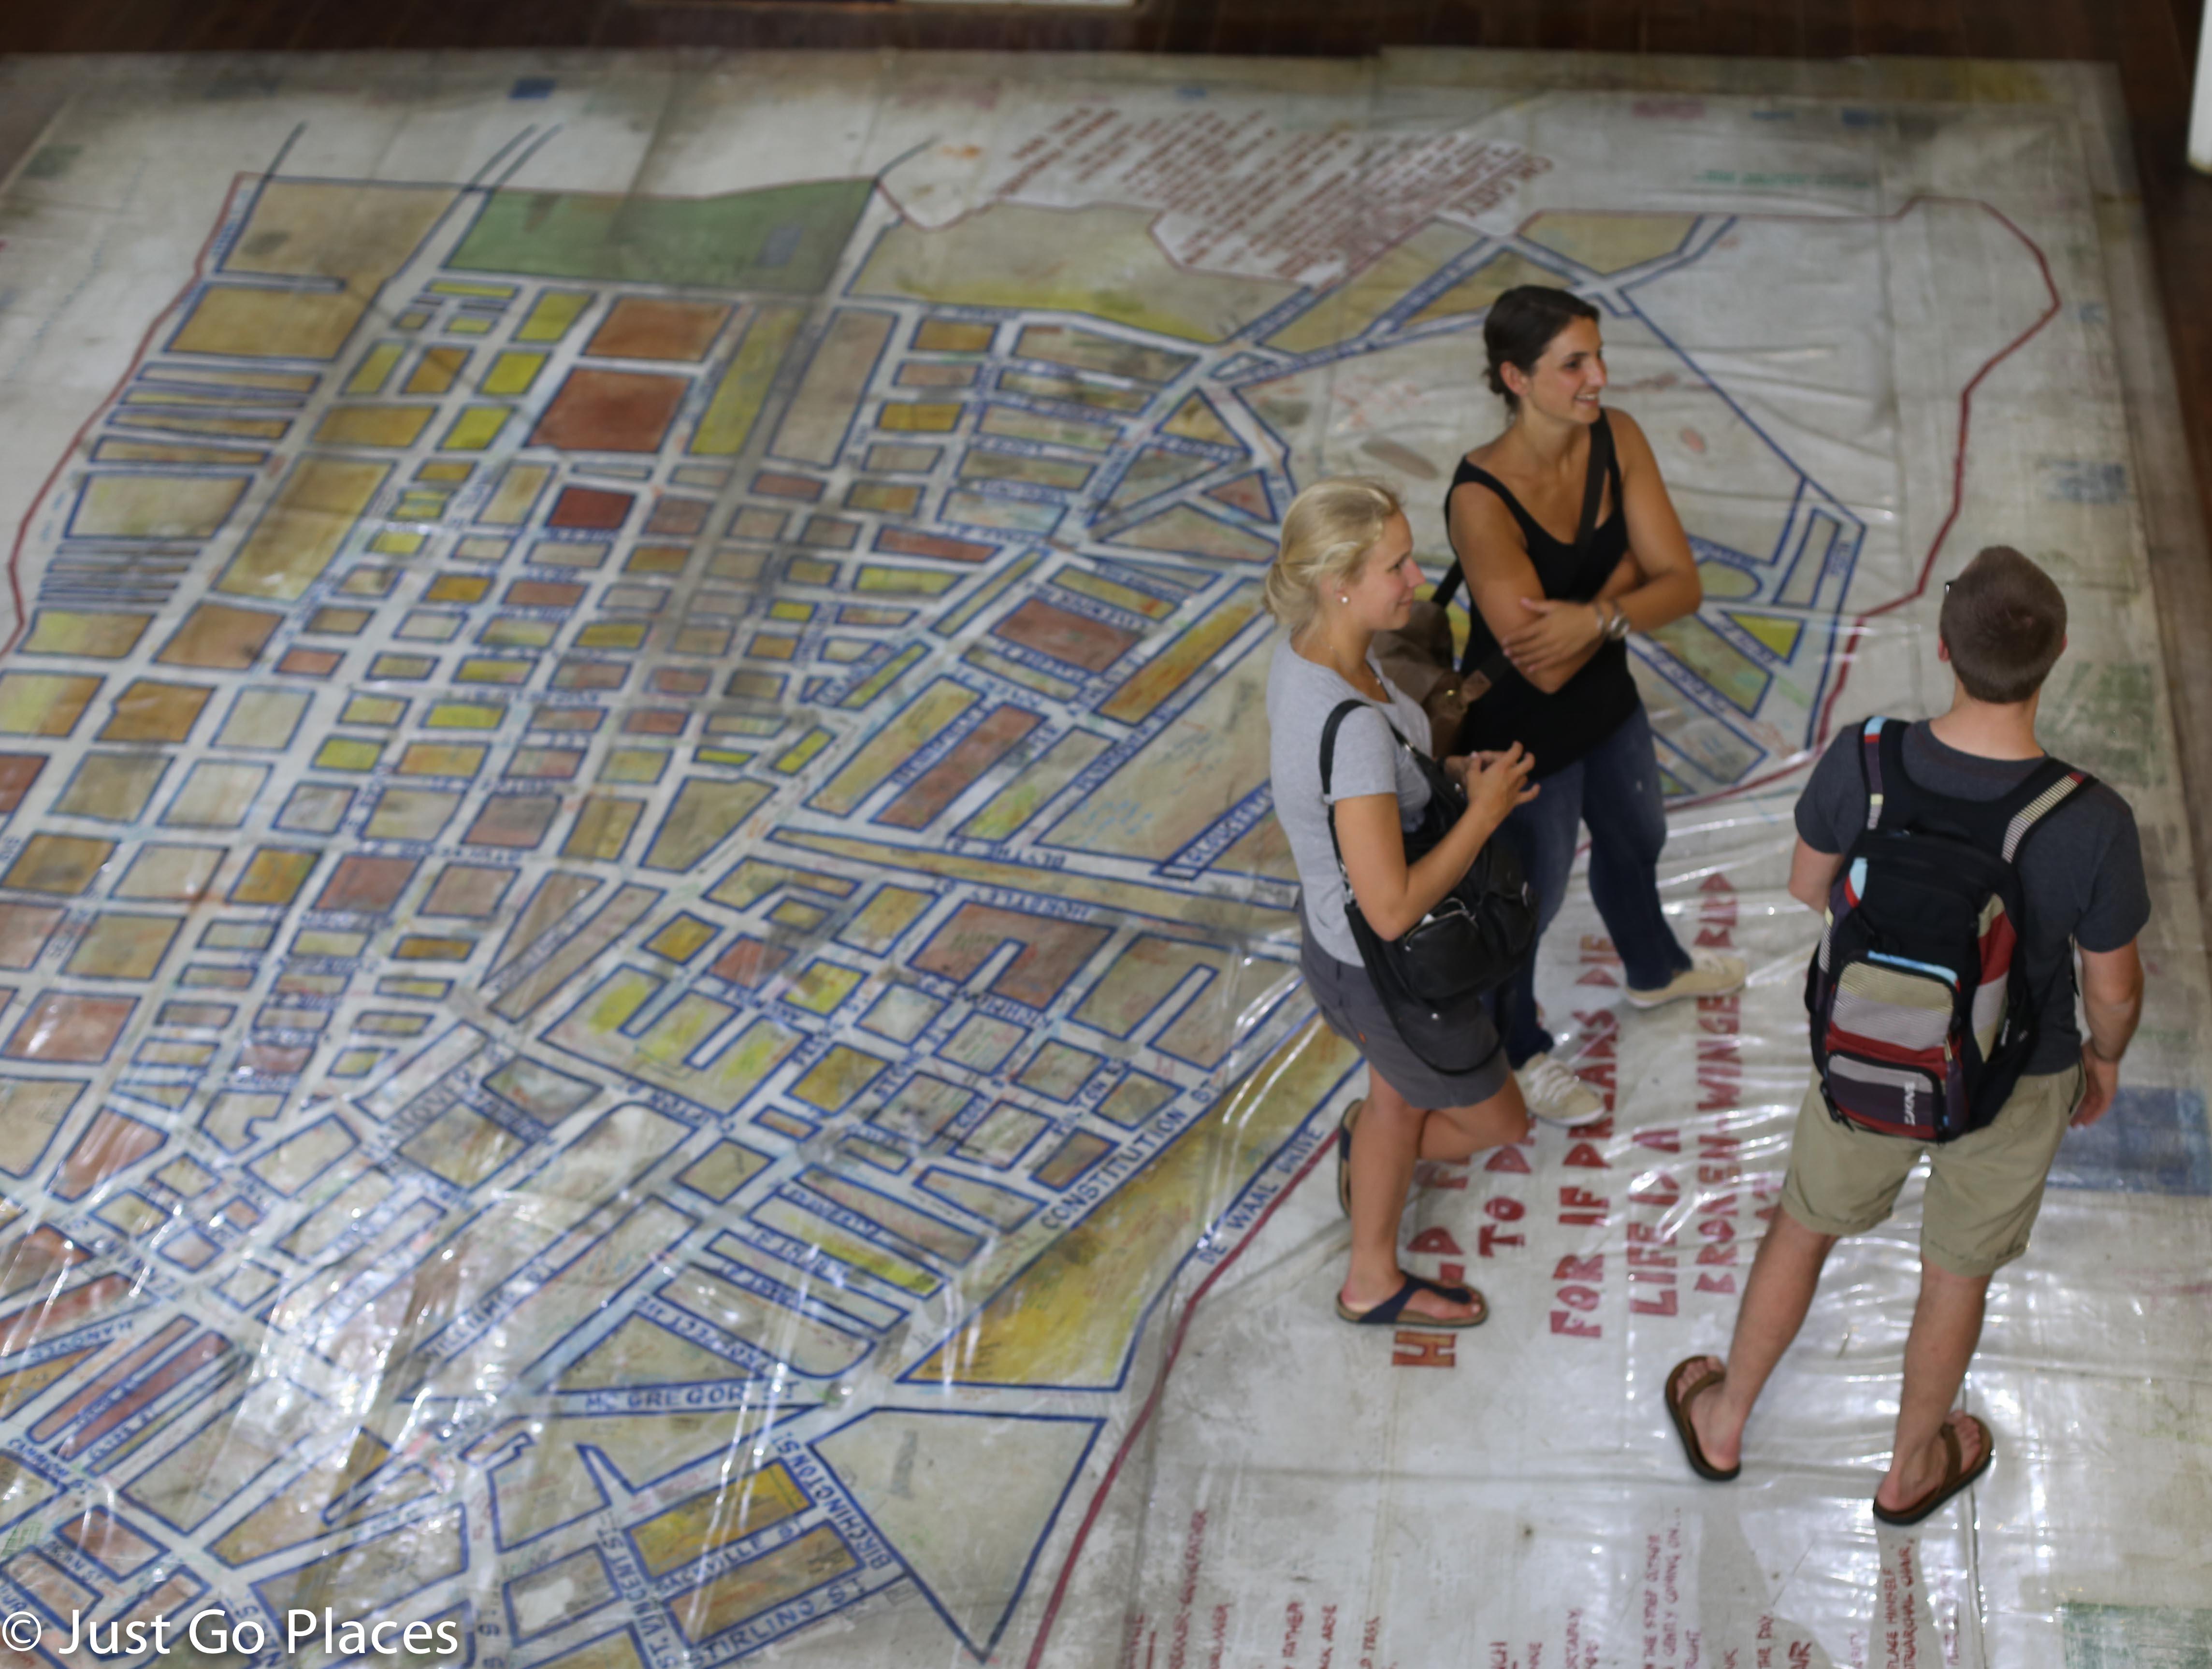 neighbourhood plan of district 6